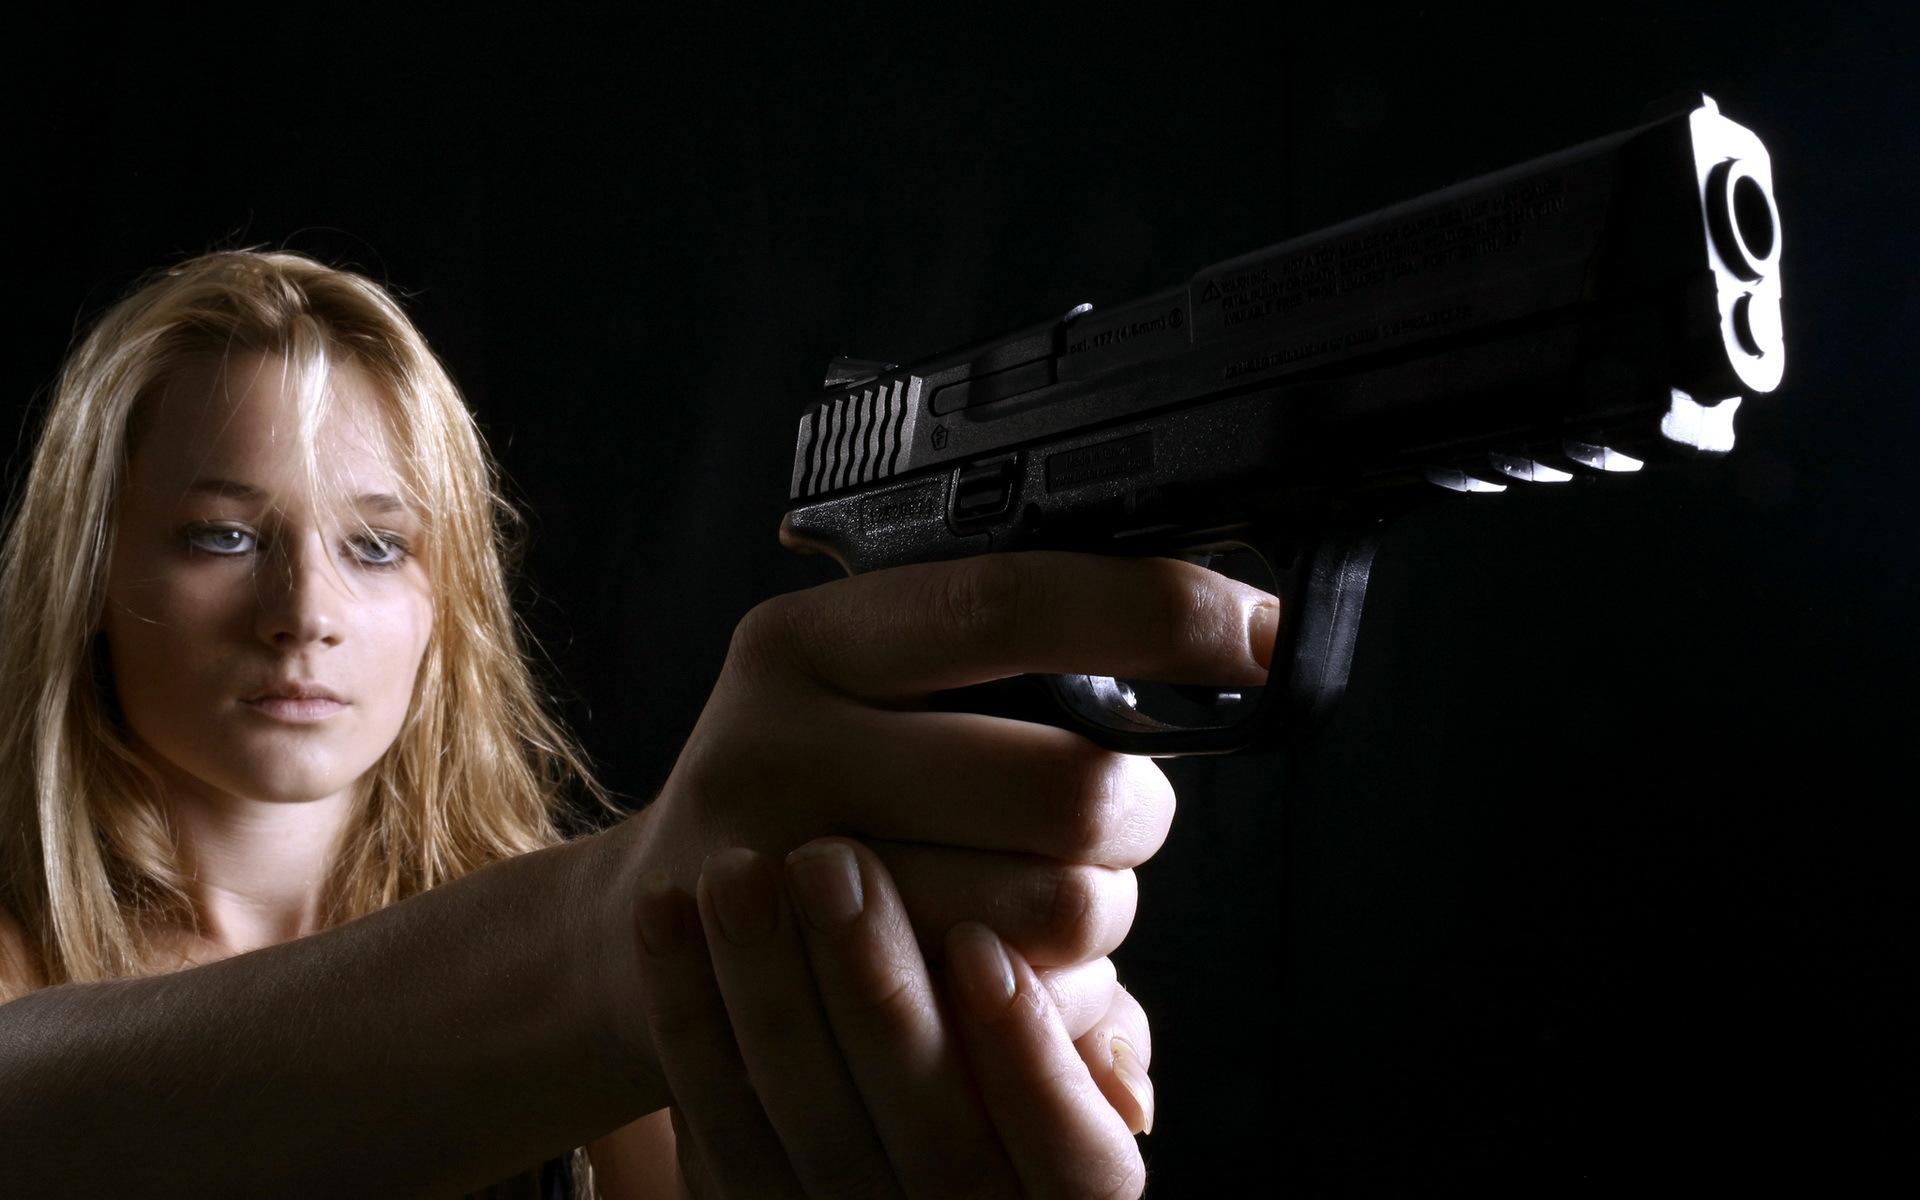 владимира картинки револьвер в руках наши